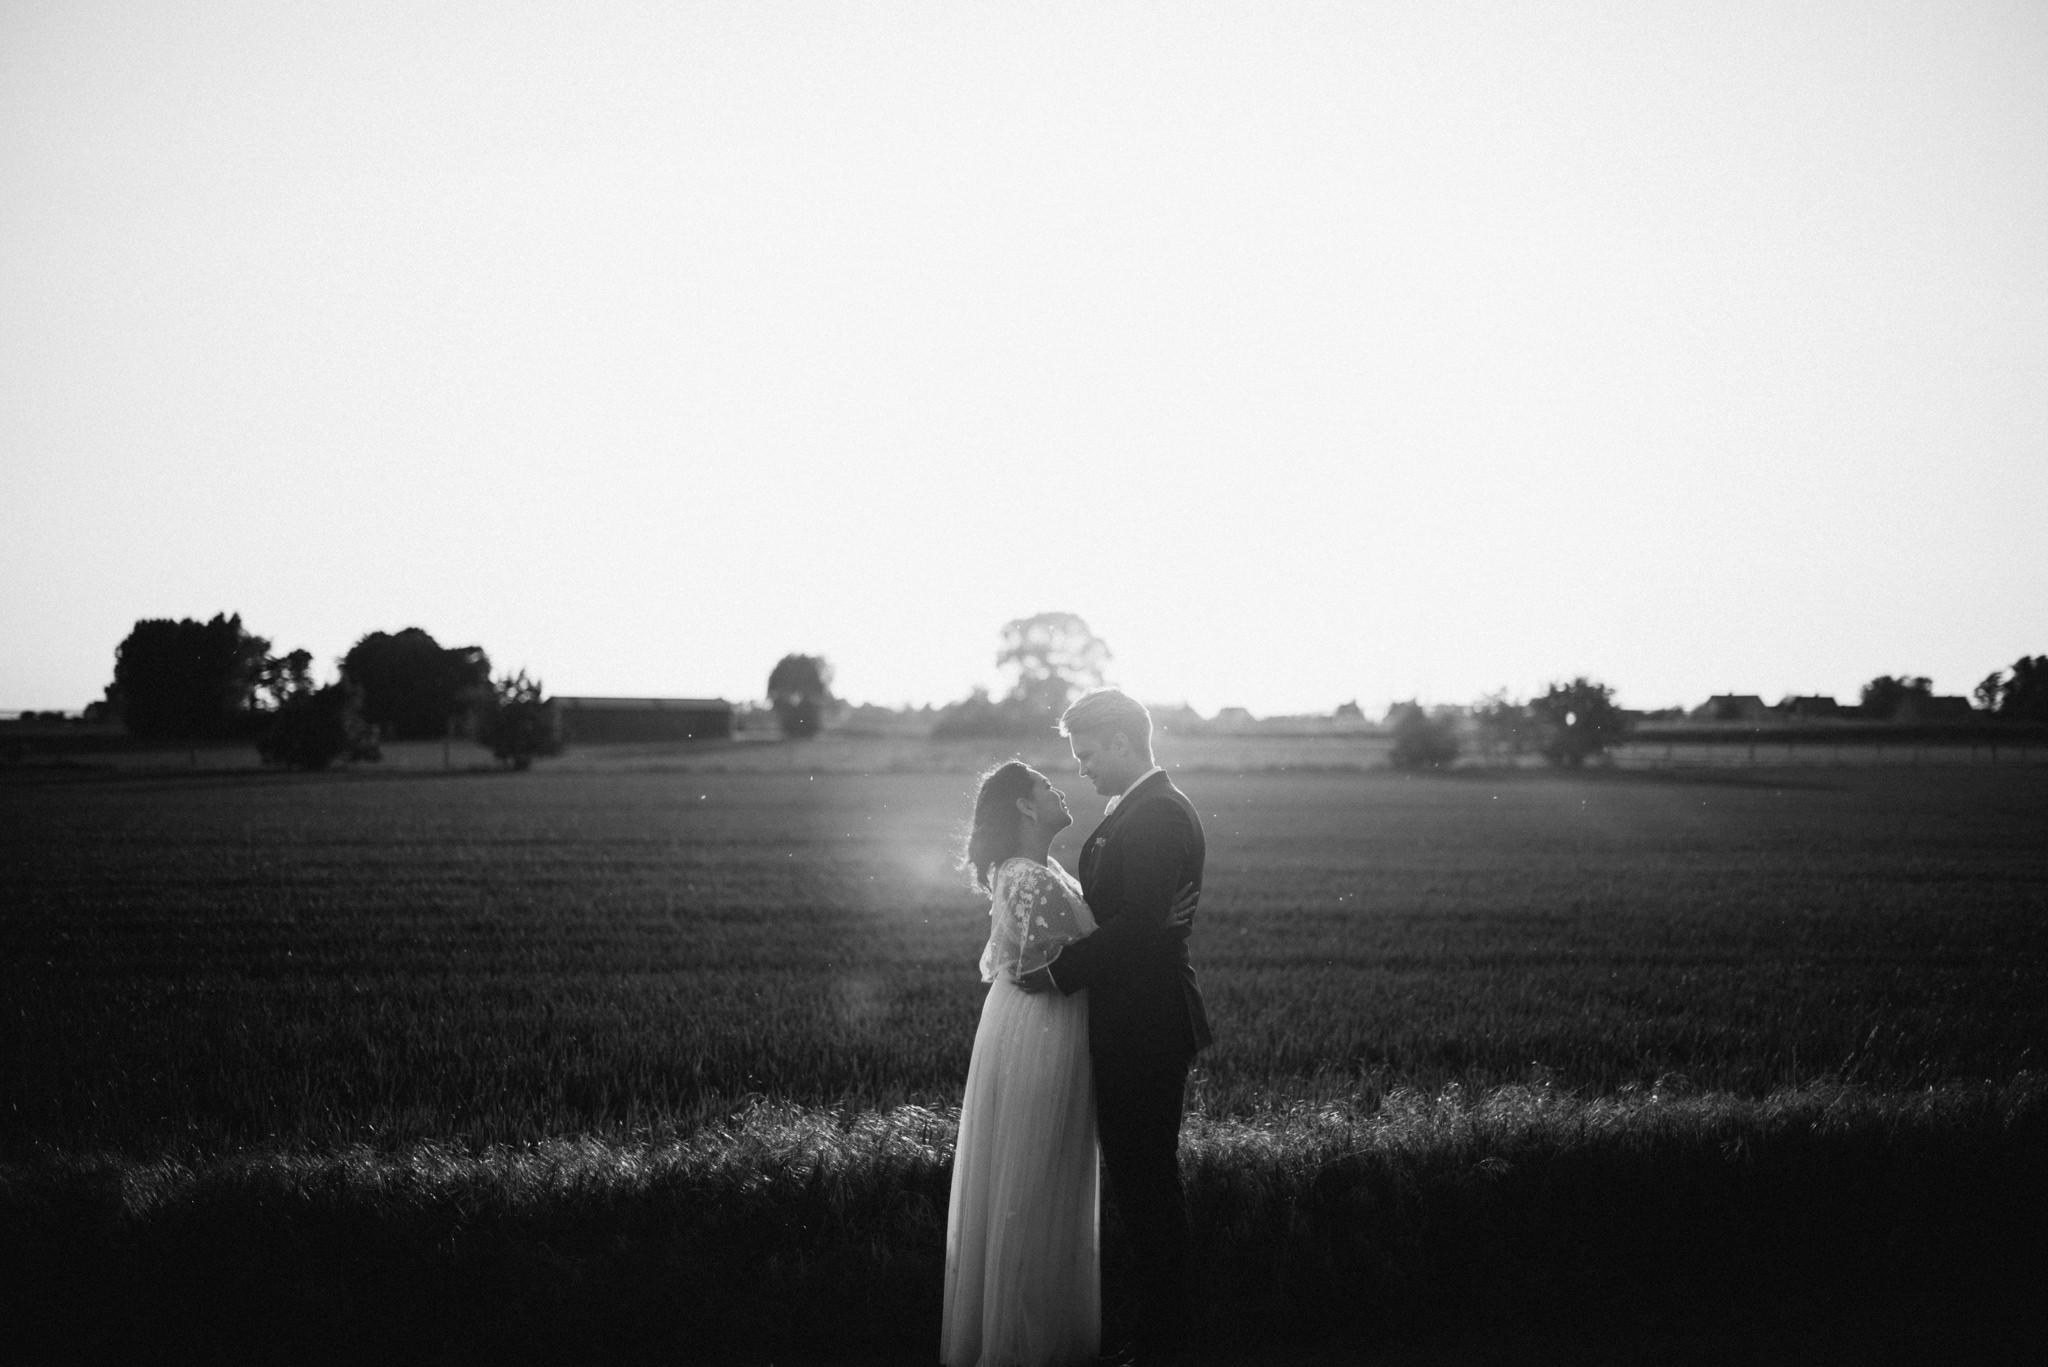 bröllop-dalhemfarm-klagshamn-malmö-bröllopsfotograf.jpg